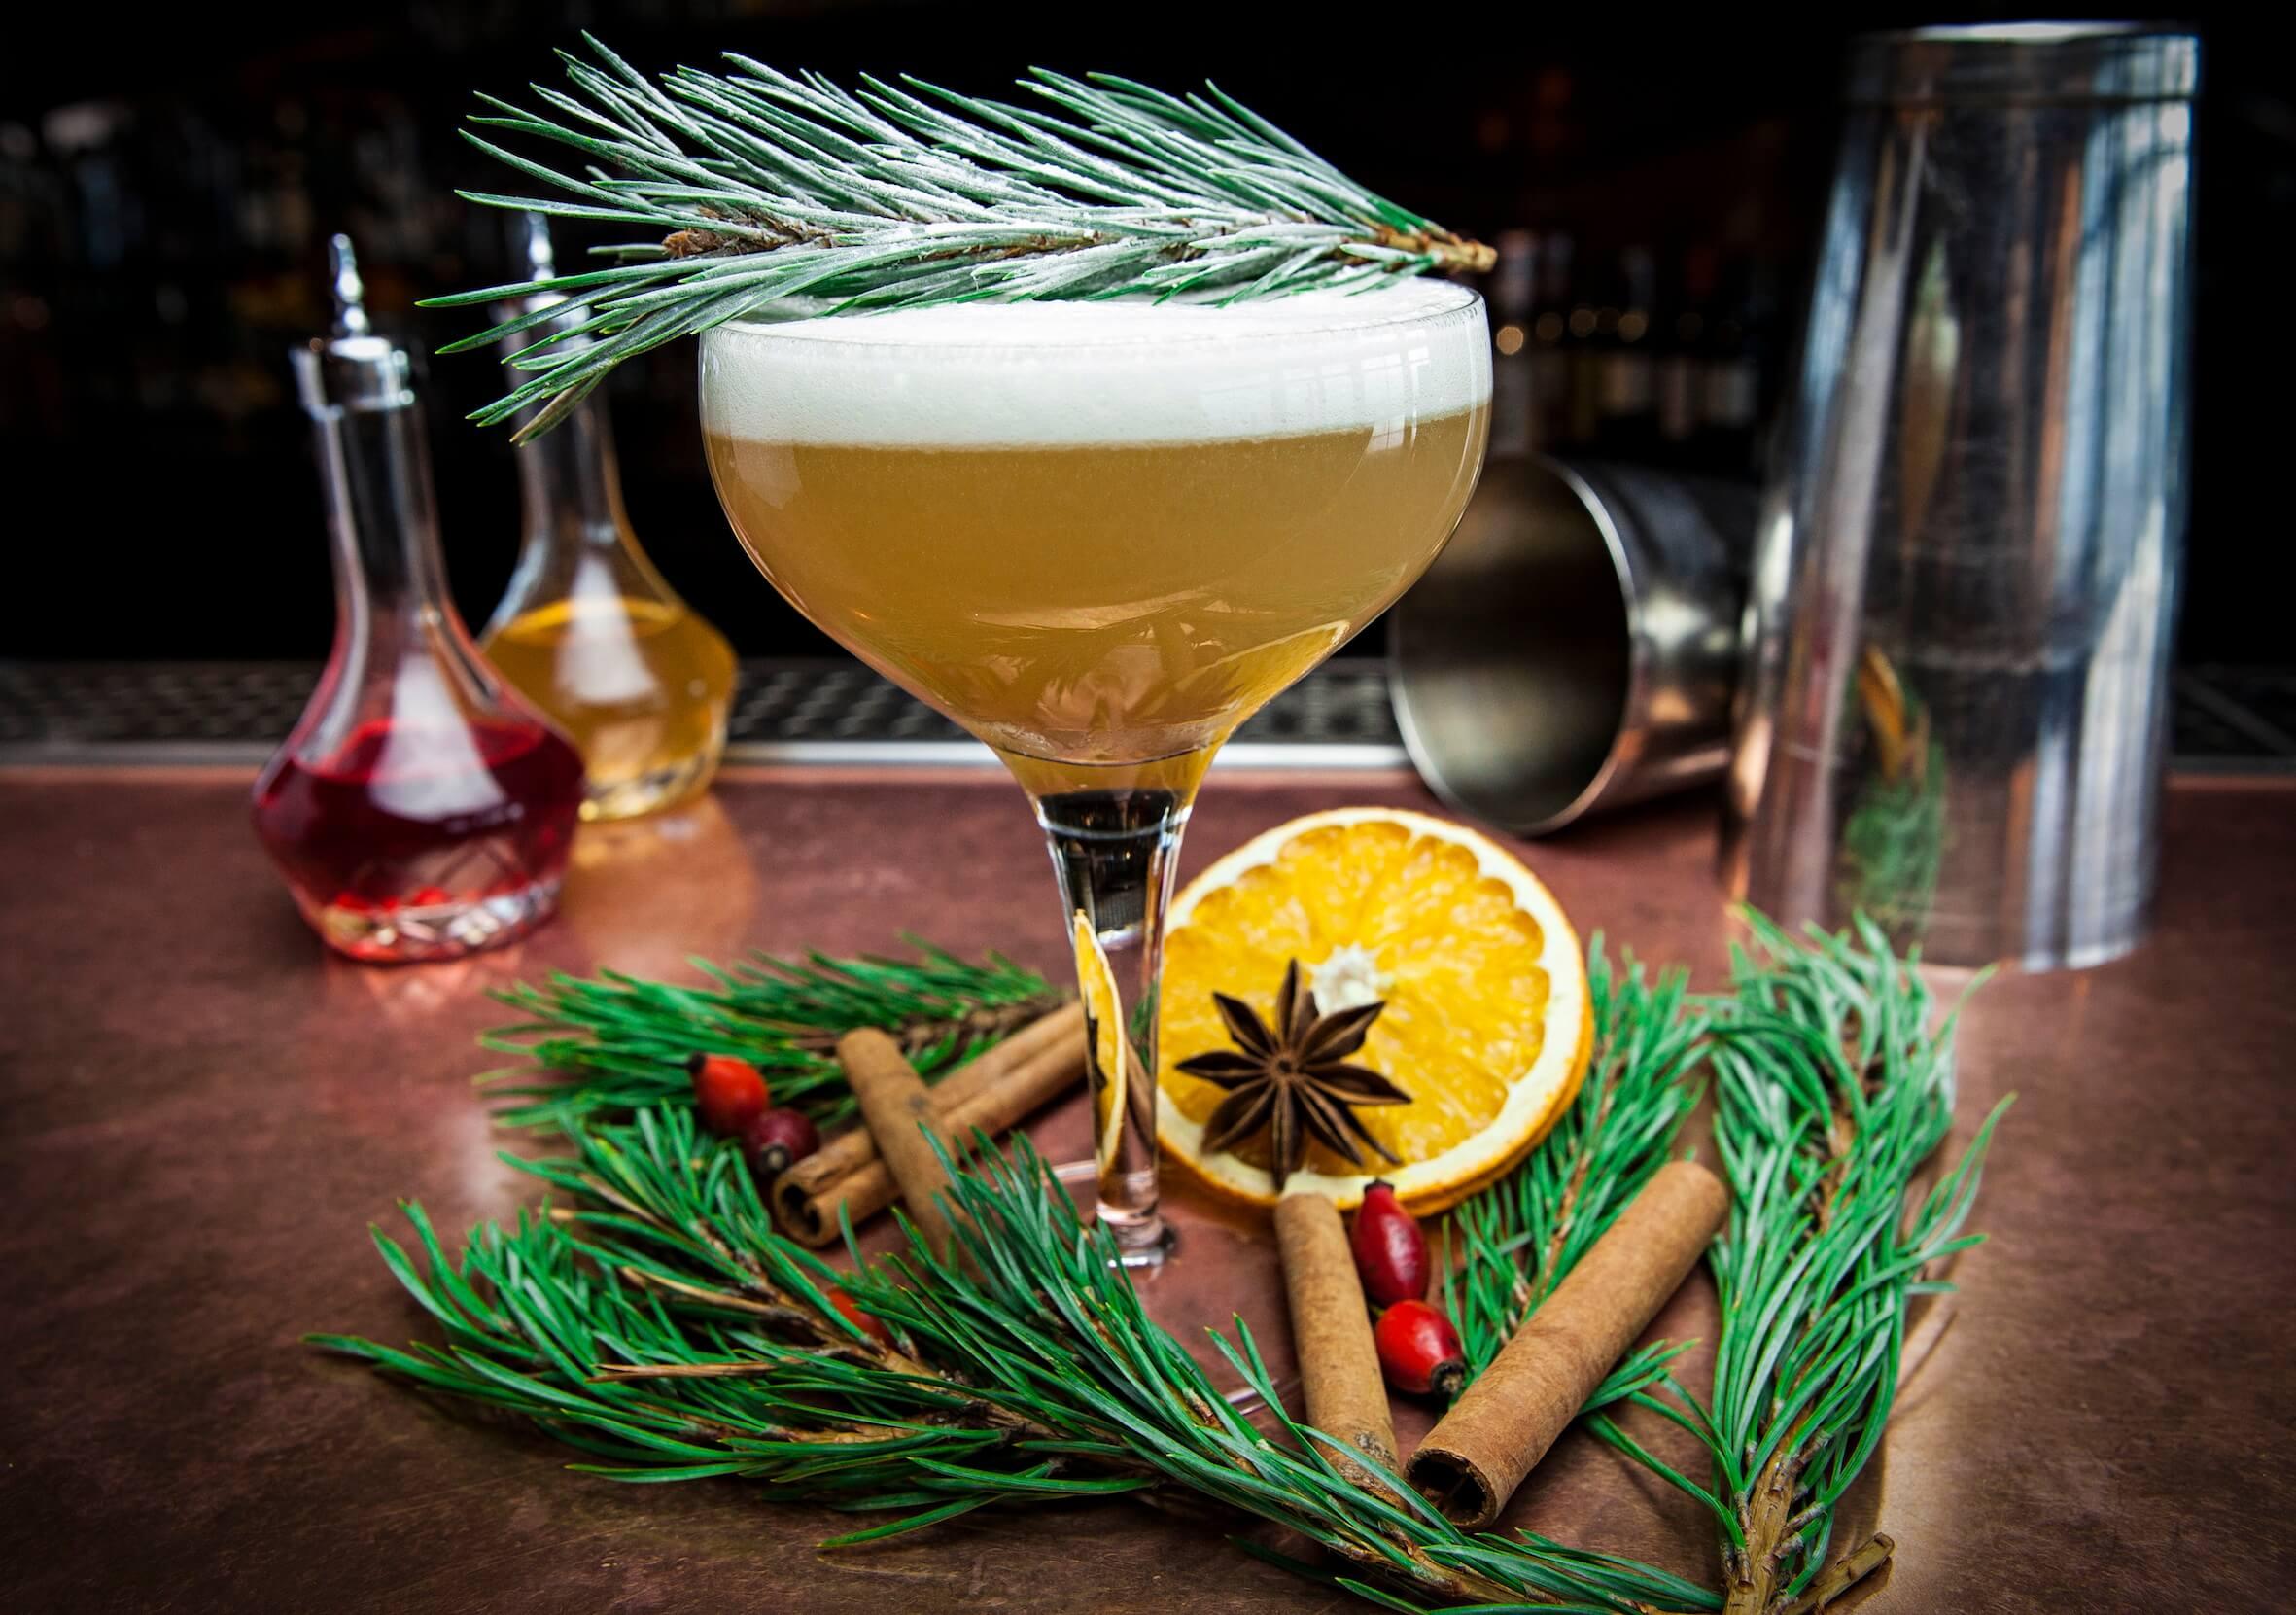 winter warmer, winter warming, winter recipes, london, what's on in London, best restaurants in London, Christmas in London, Christmas London, Christmas gift guide, christmas gifts for him, christmas gifts for her, christmas foodie gifts, what's on in London, Christmas cocktails, cocktails london, cocktails in london, cocktail bars london, London pop-ups